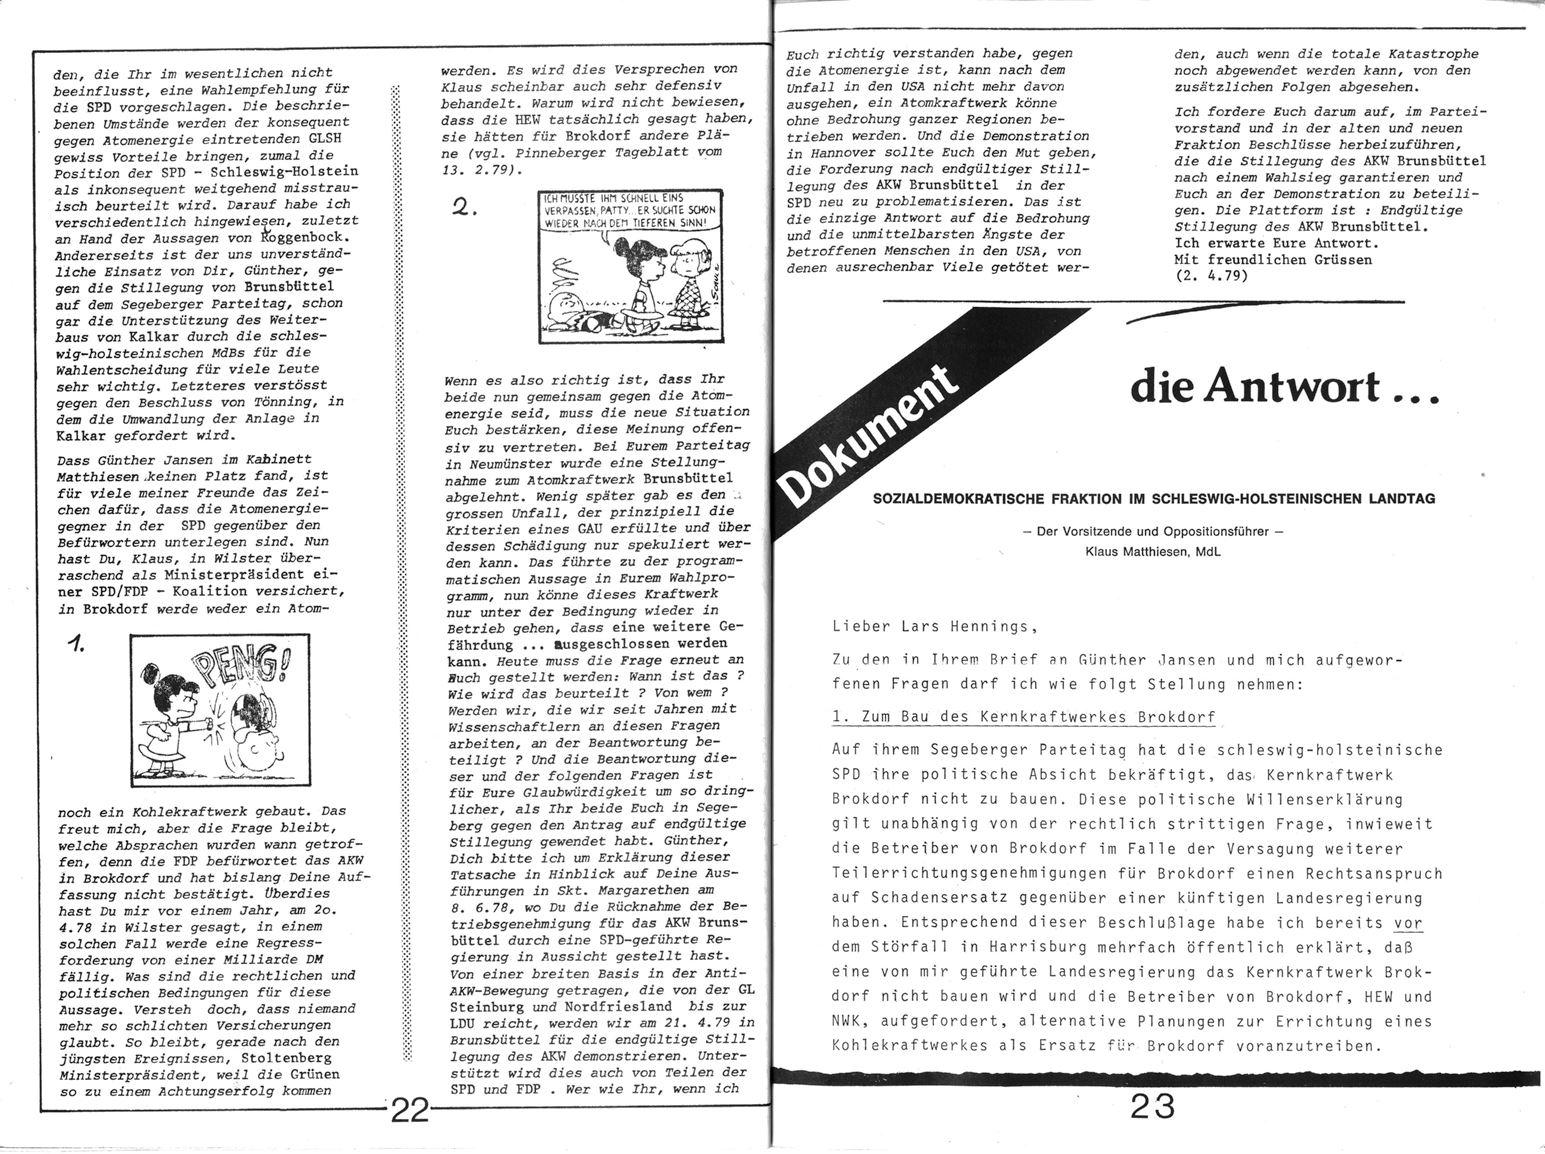 Schleswig_Holstein_Atompolitik_der_SPD_12